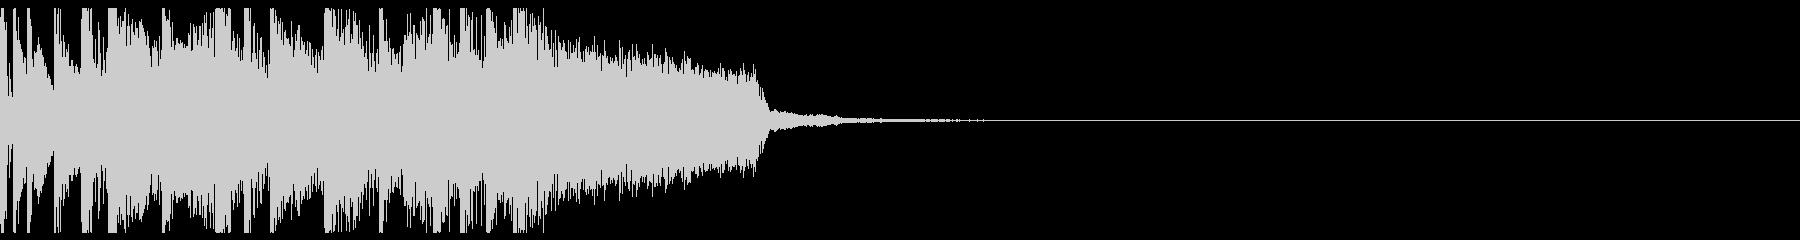 エレキギターを使用した爽やかなジングルの未再生の波形